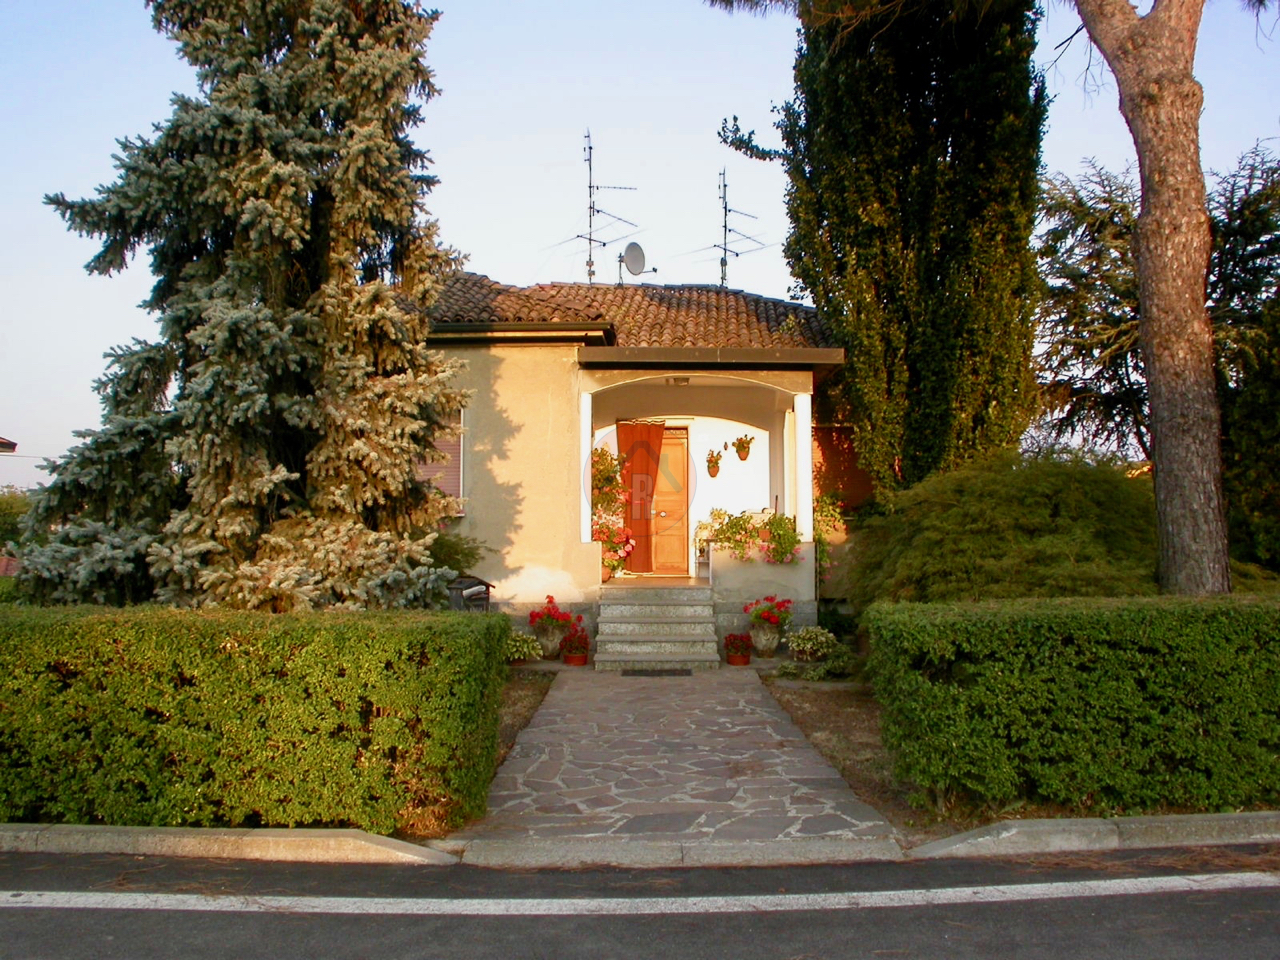 Villa in vendita a Bressana Bottarone, 5 locali, prezzo € 110.000   PortaleAgenzieImmobiliari.it